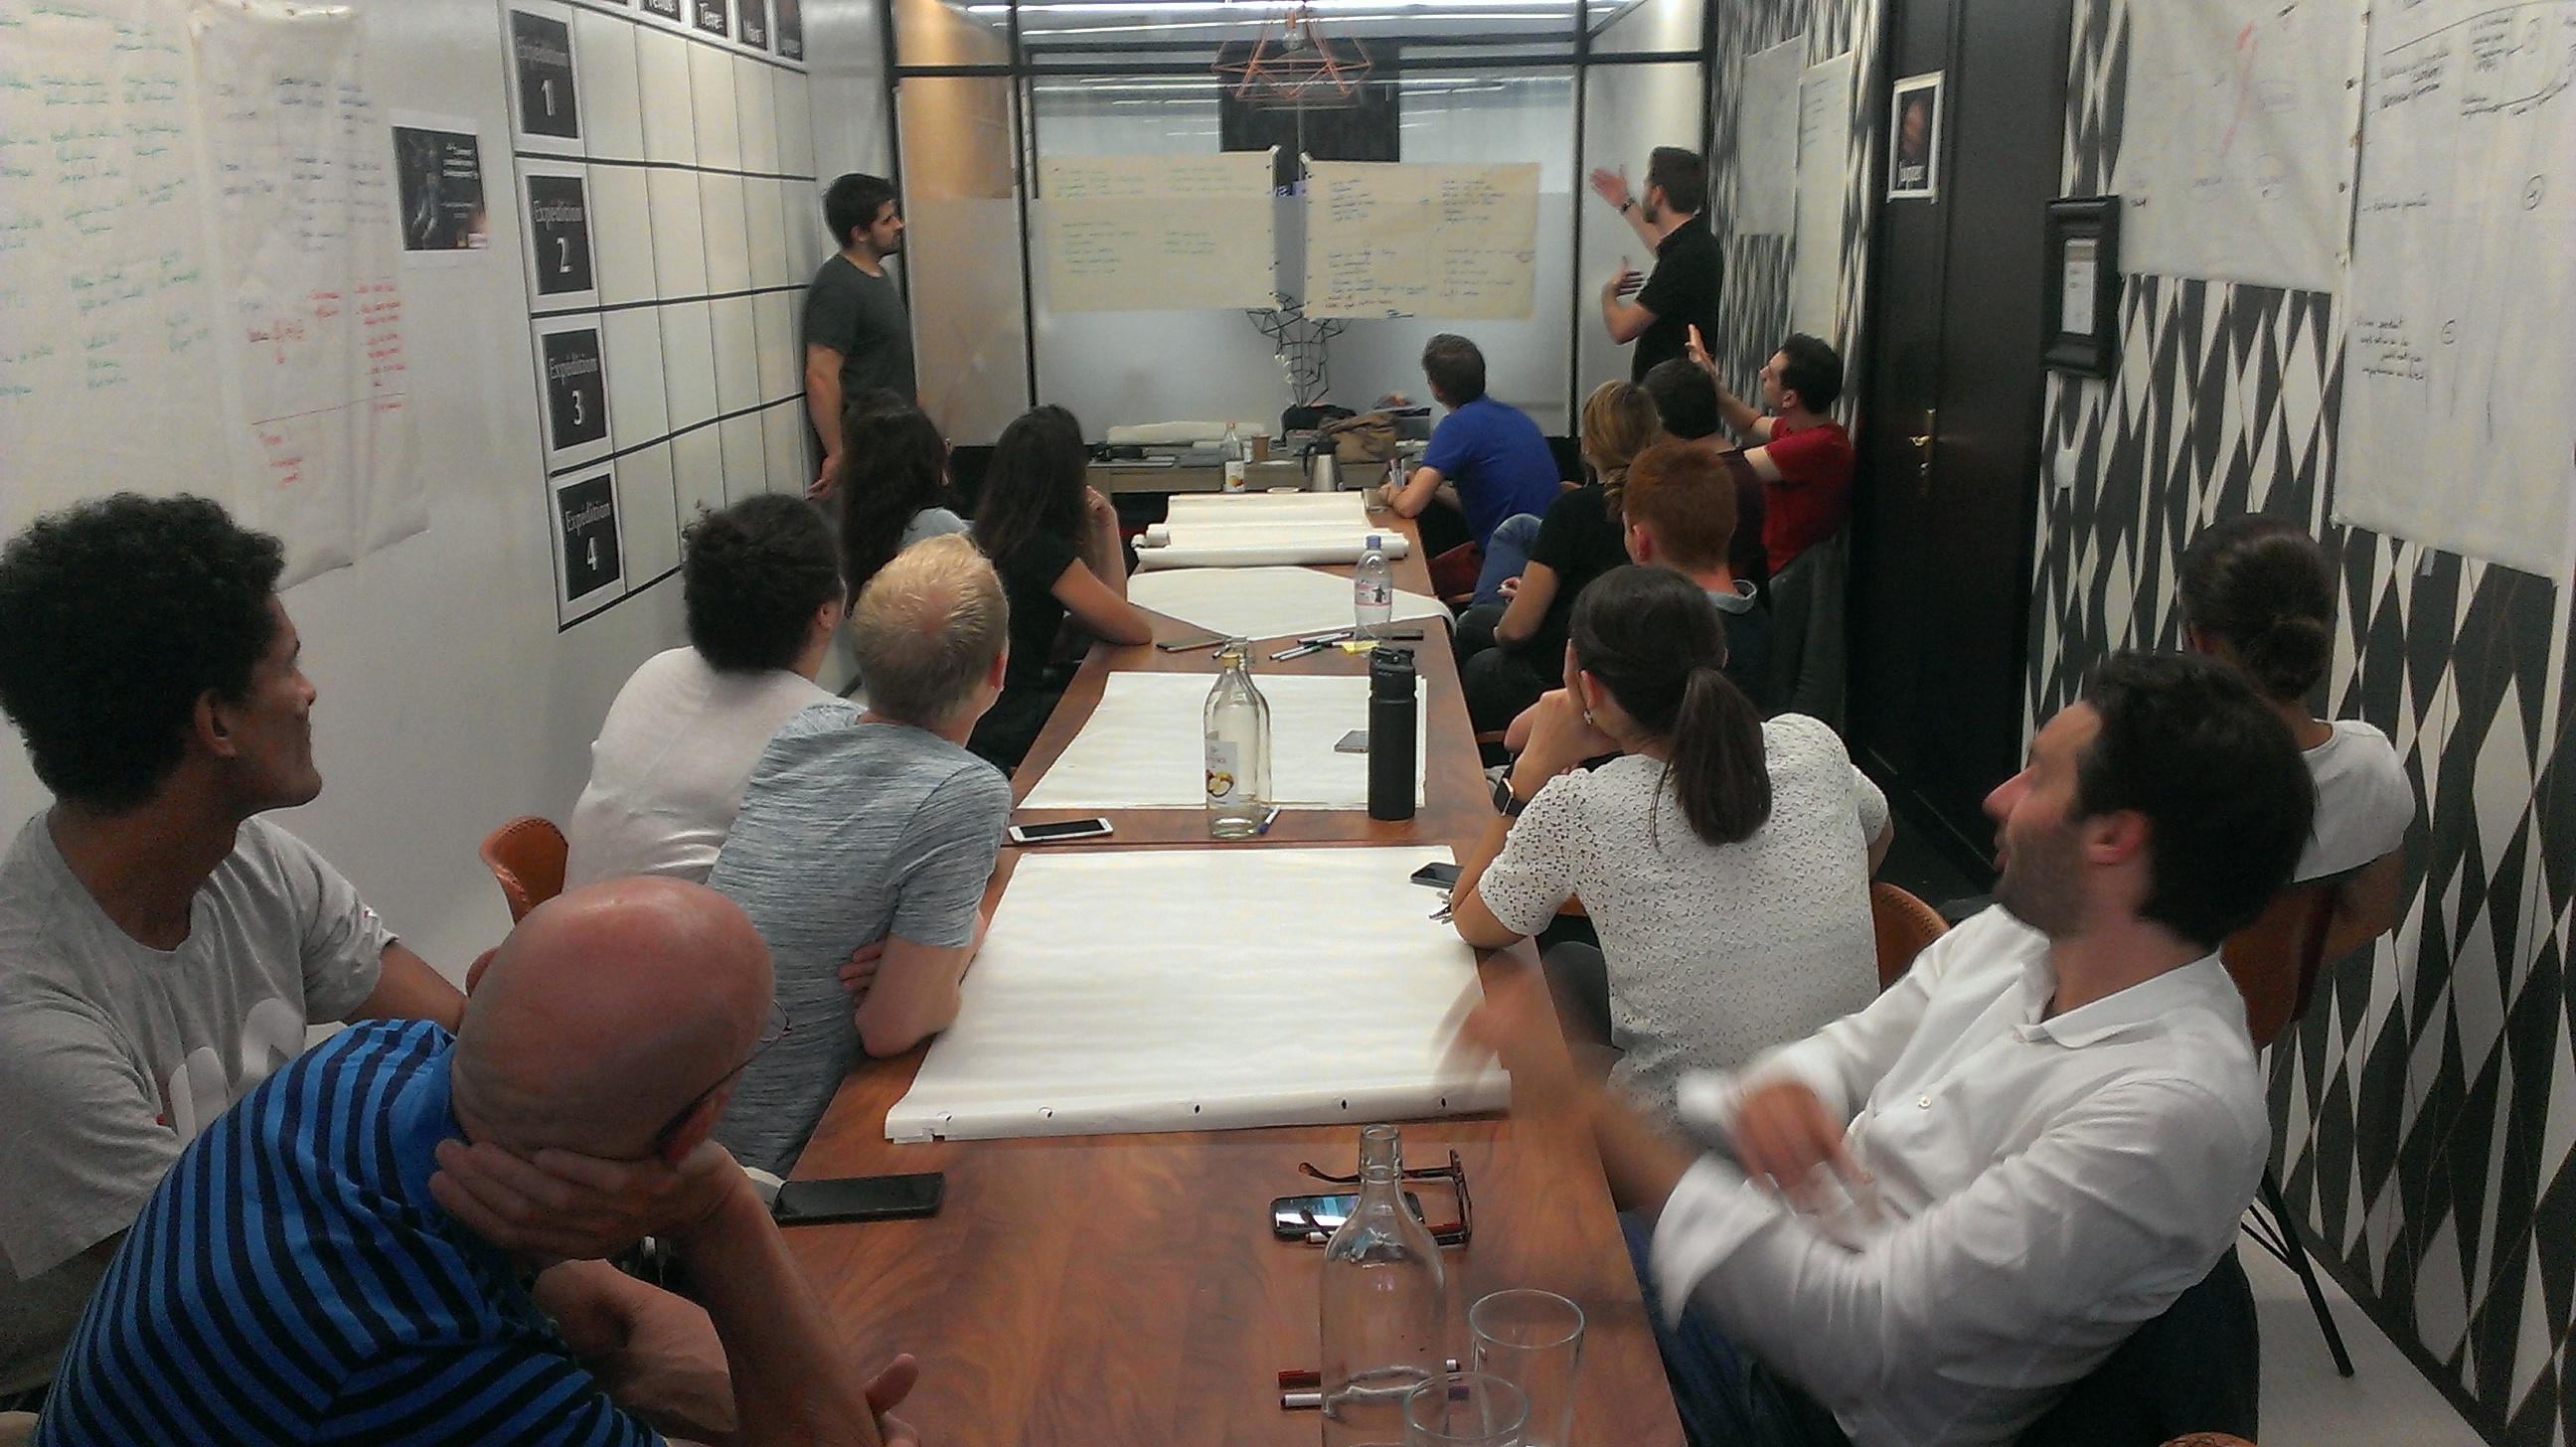 Animateurs forums ouverts - Facilitateurs certifiés - Départements 69 01 38 42 71 73 74 39 21 - Open space